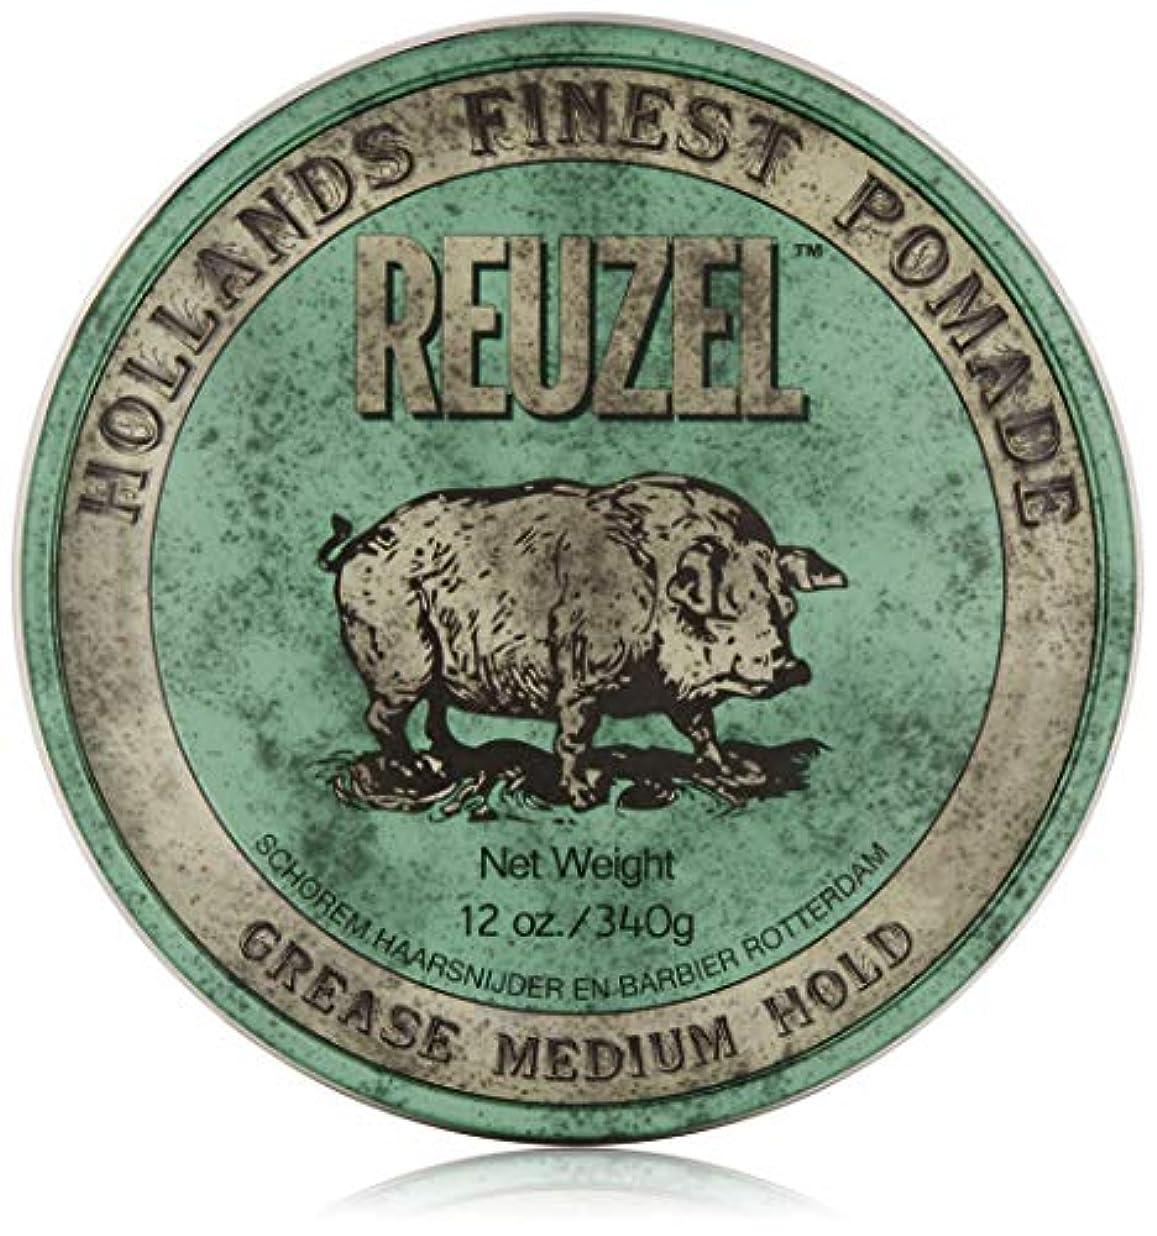 くしゃくしゃ次へに勝るREUZEL Grease Medium Hold Pomade Hog, Green, 12 oz. by REUZEL